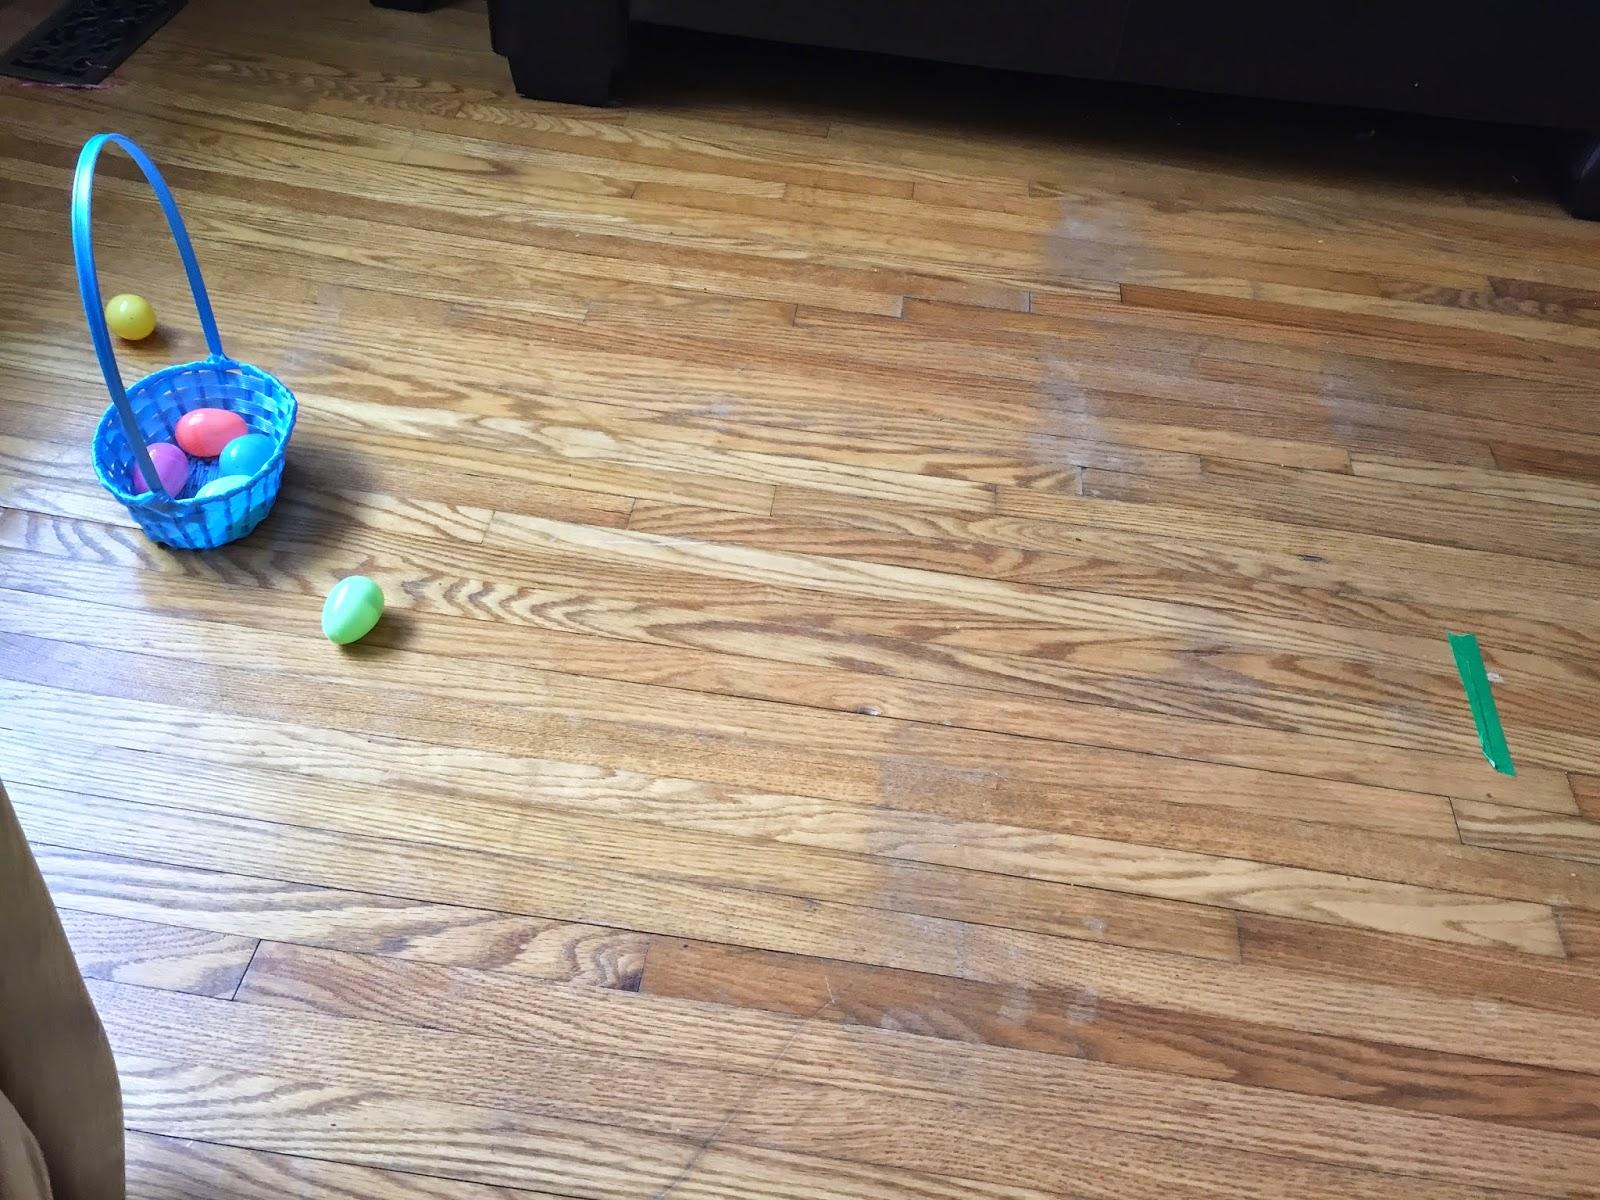 Plastic Egg Toss